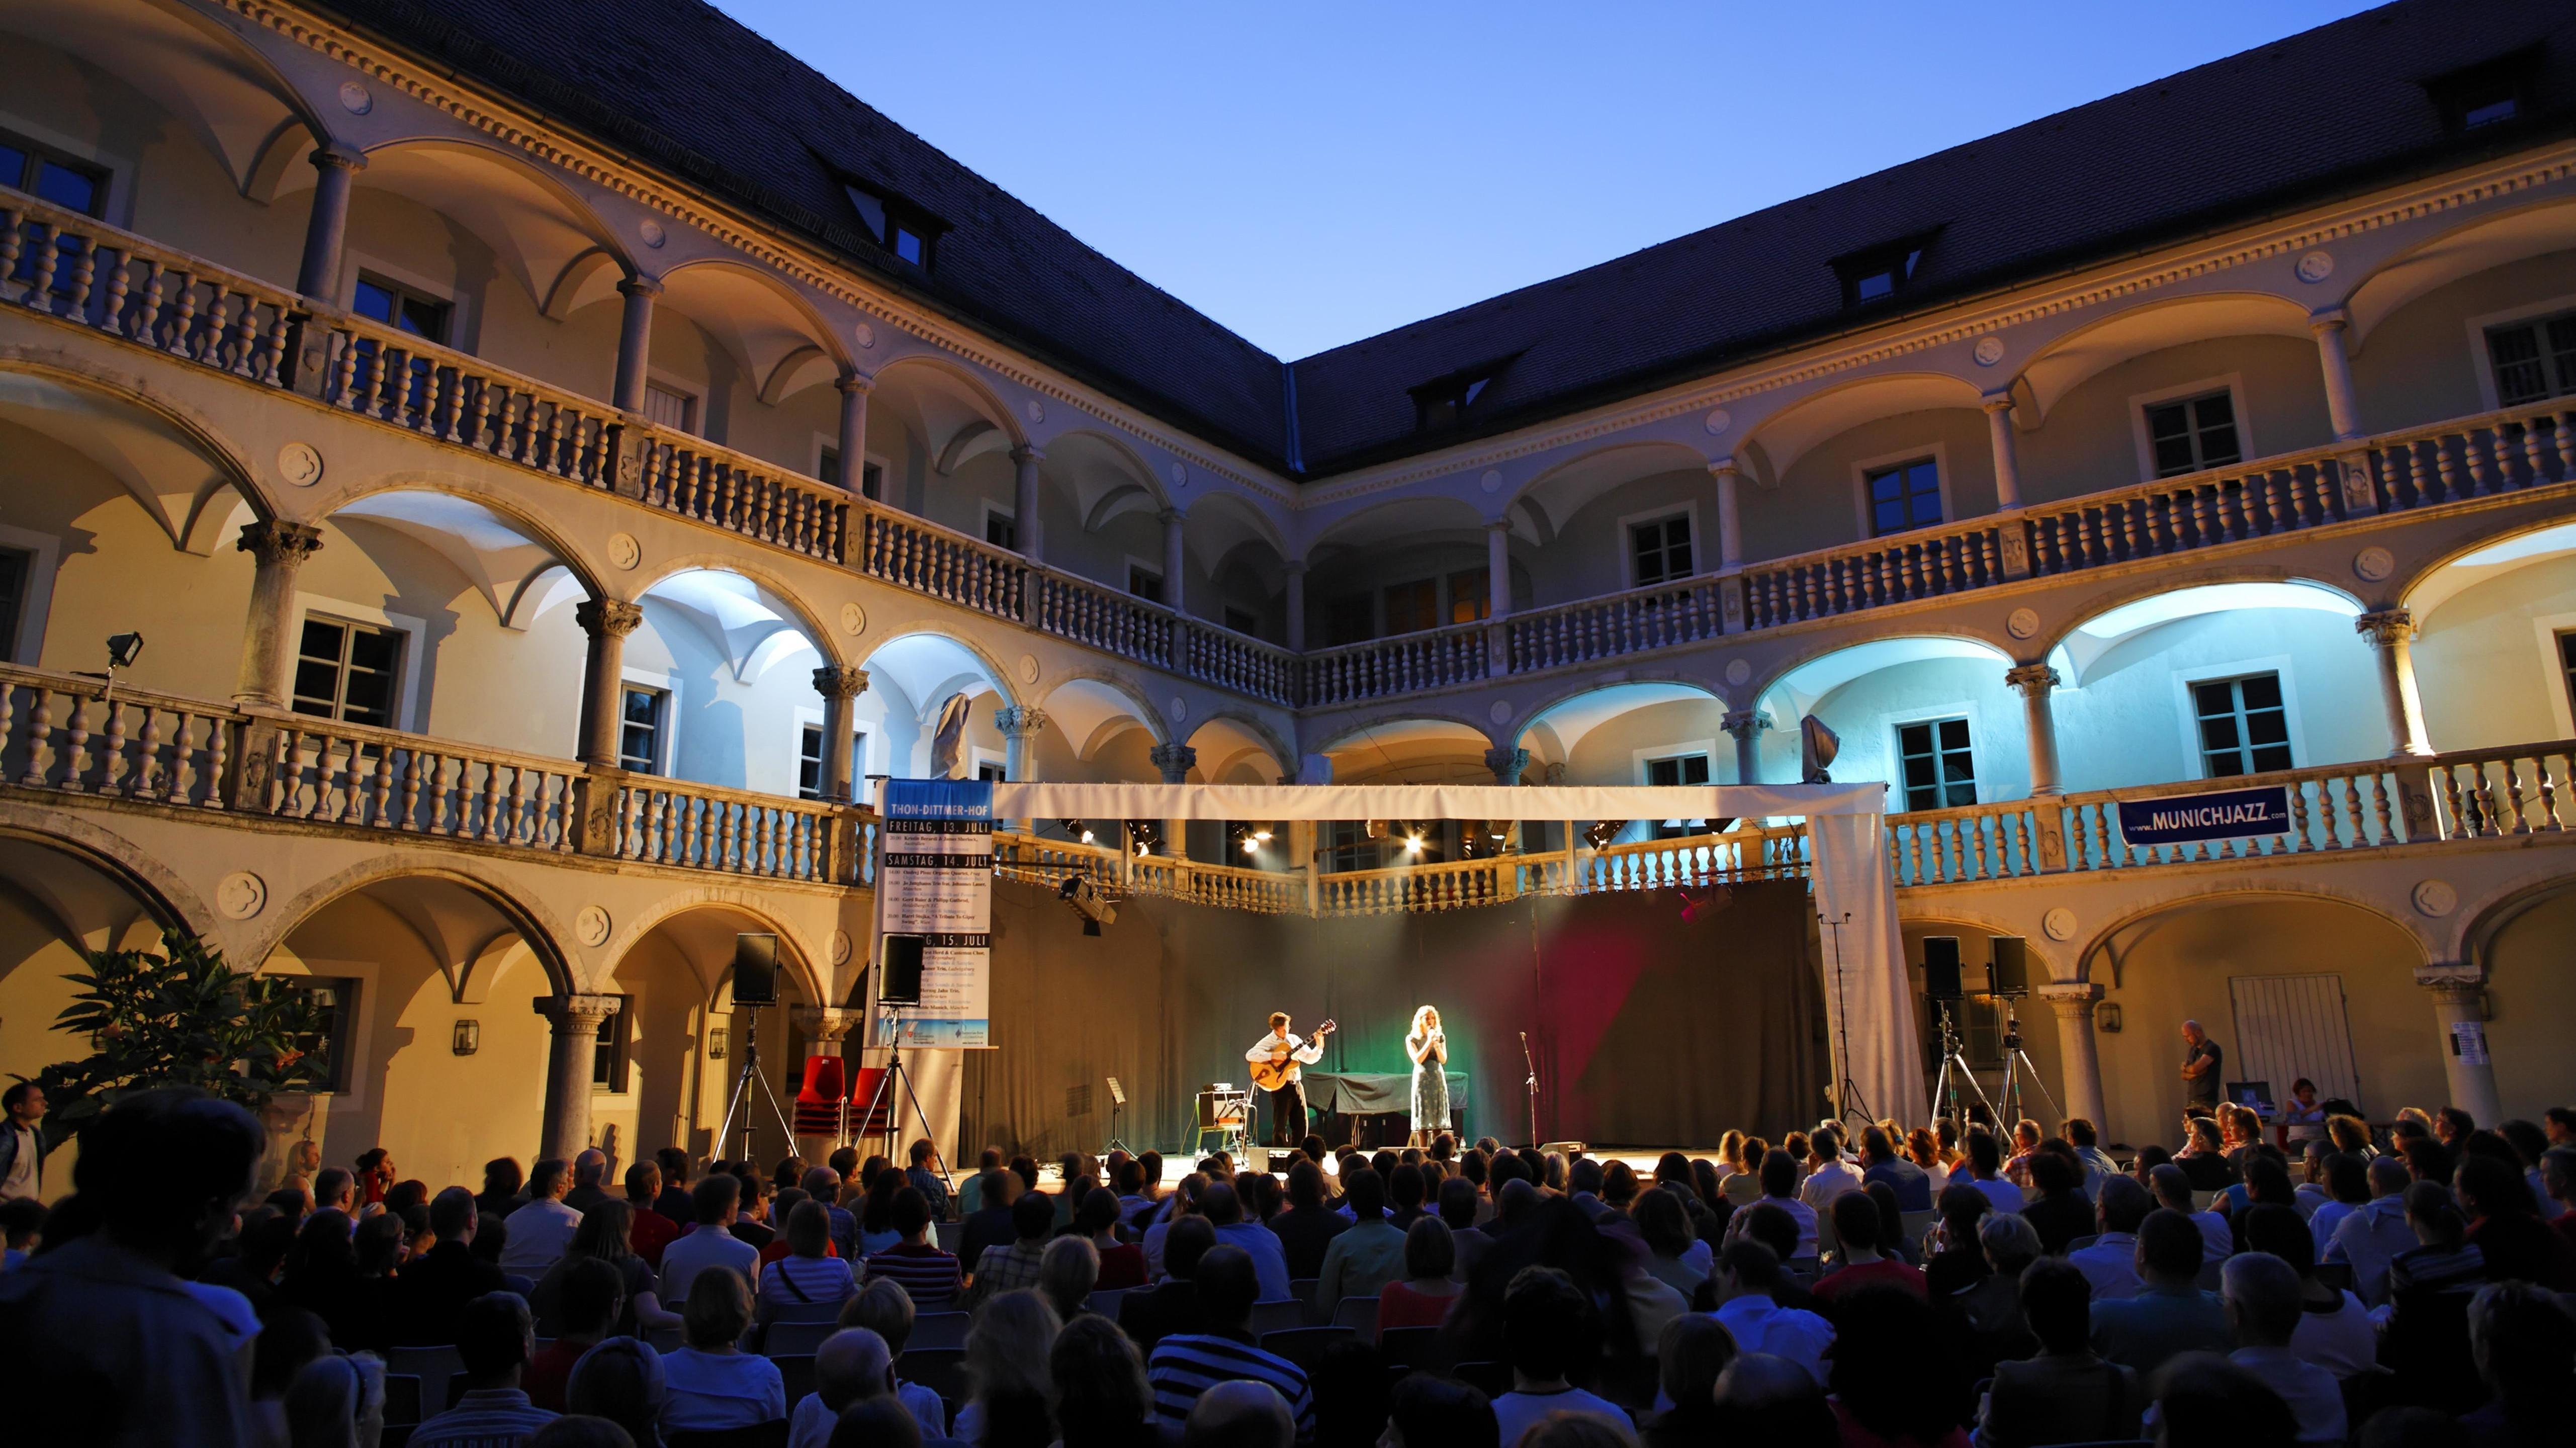 Das Thon-Dittmer-Palais in der Altstadt von Regensburg ist jedes Jahr Schauplatz von zahlreichen Events